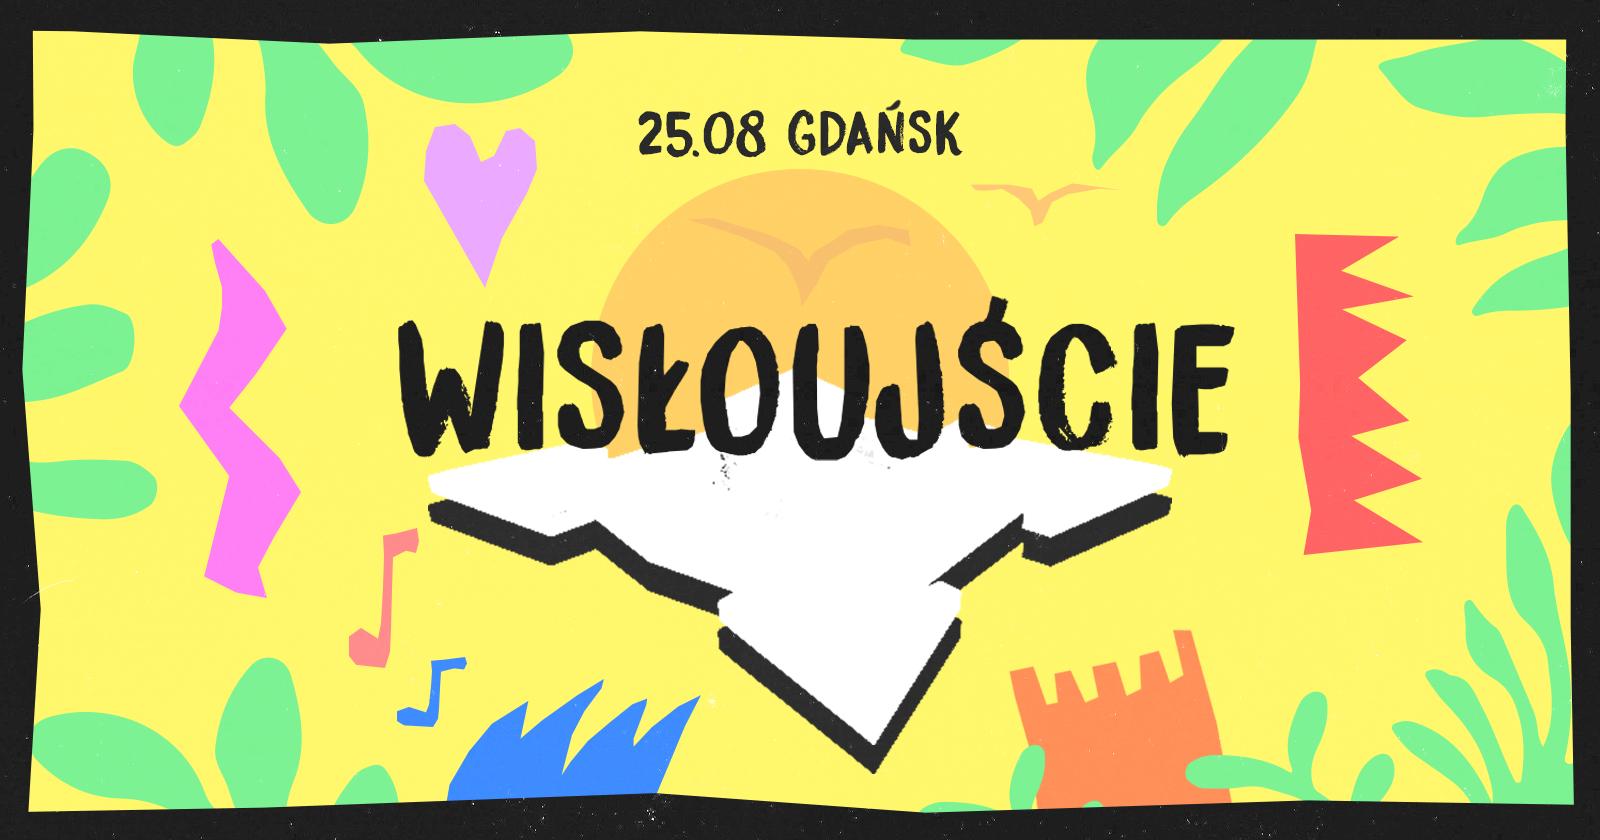 twierdza wisłoujście wisloujscie gdansk techno house deep minimal melodic smolna klub sfinks700 tama prozak 2.0 pralnia projekt impreza festiwal festival dj set